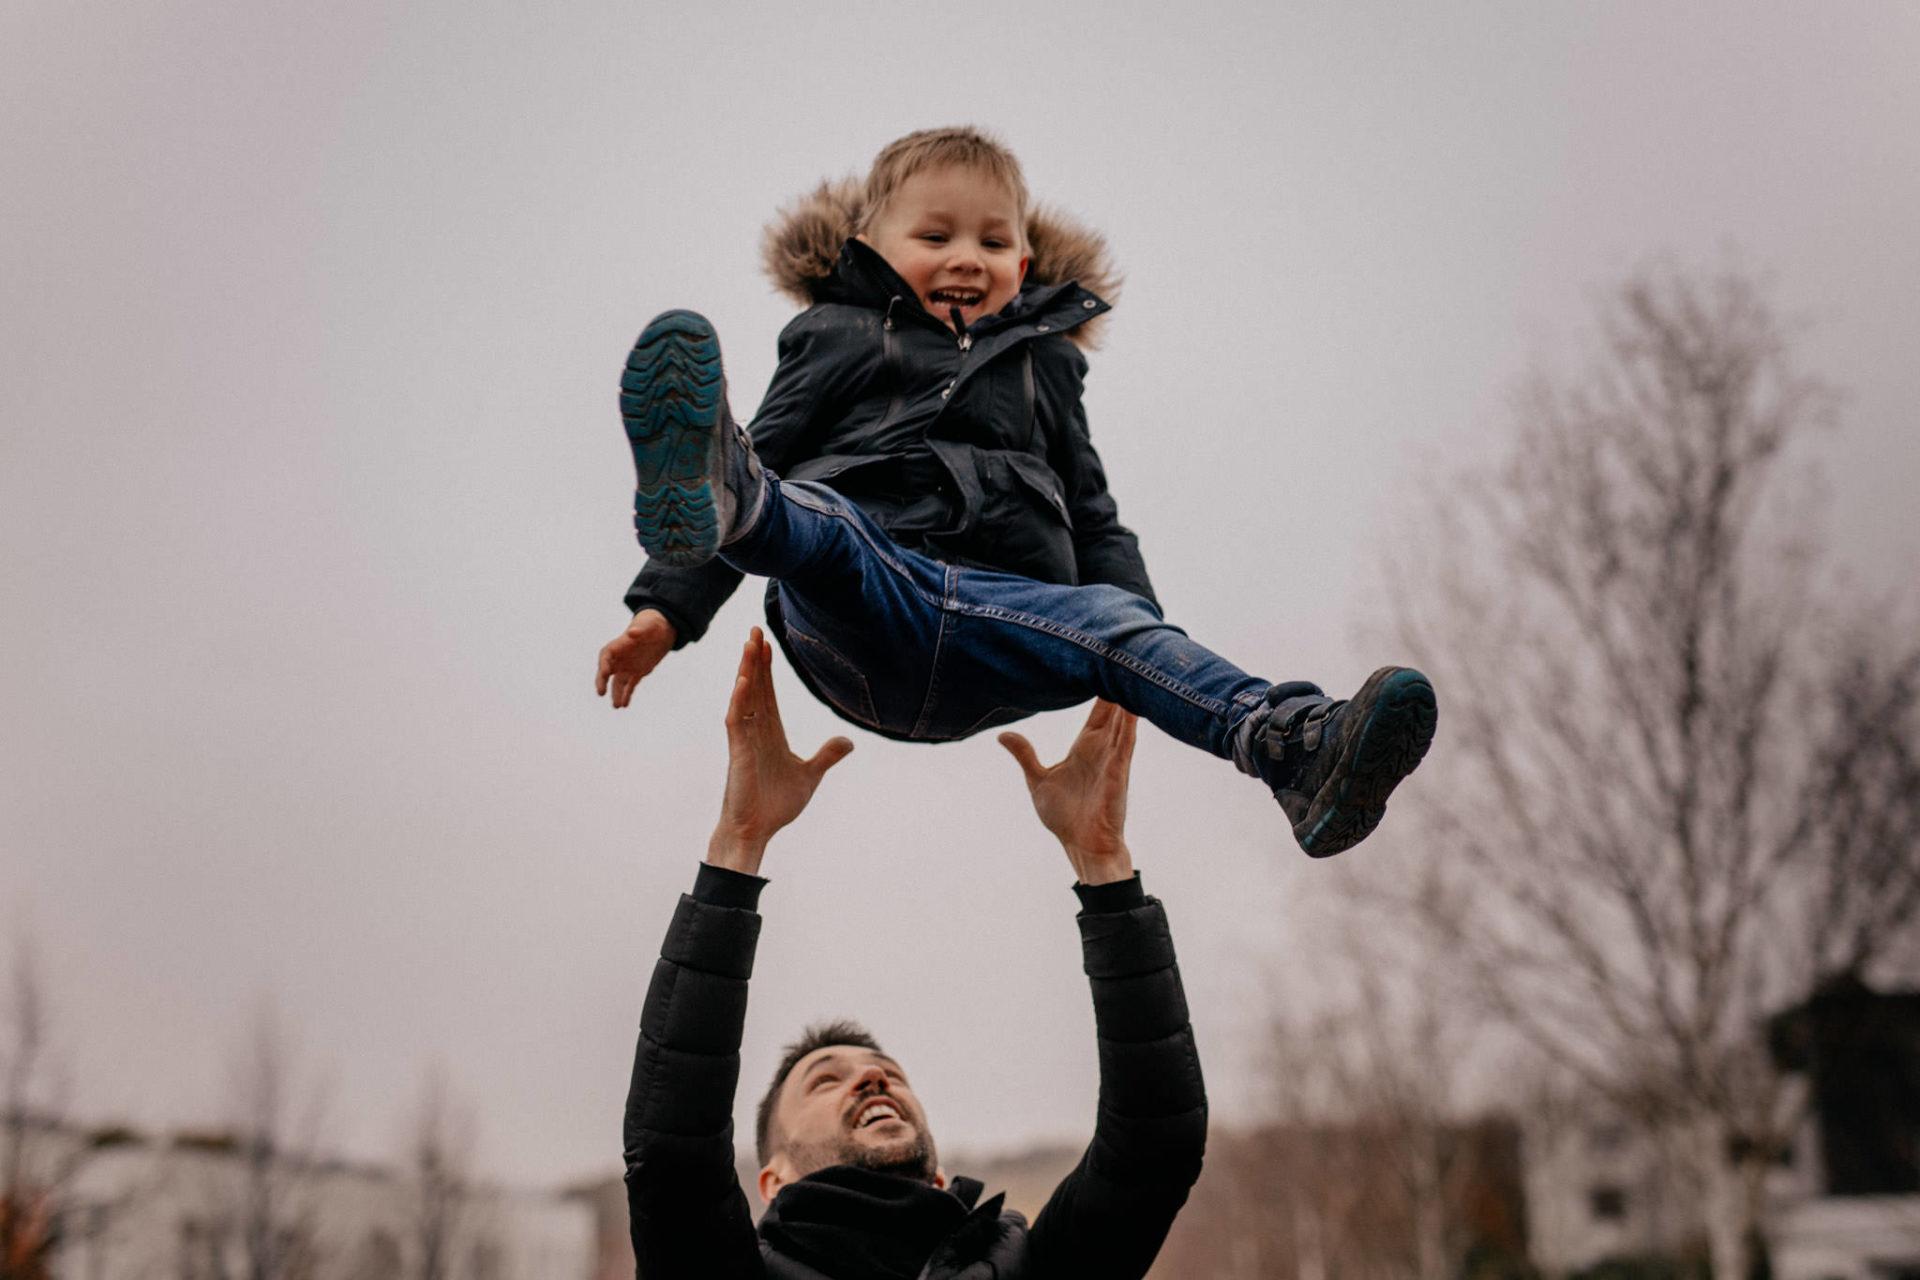 familienfotografie-mainz-journalistische-kinderbilder-familienspaziergang-papa-und-sohn-in-der-luft-spielen